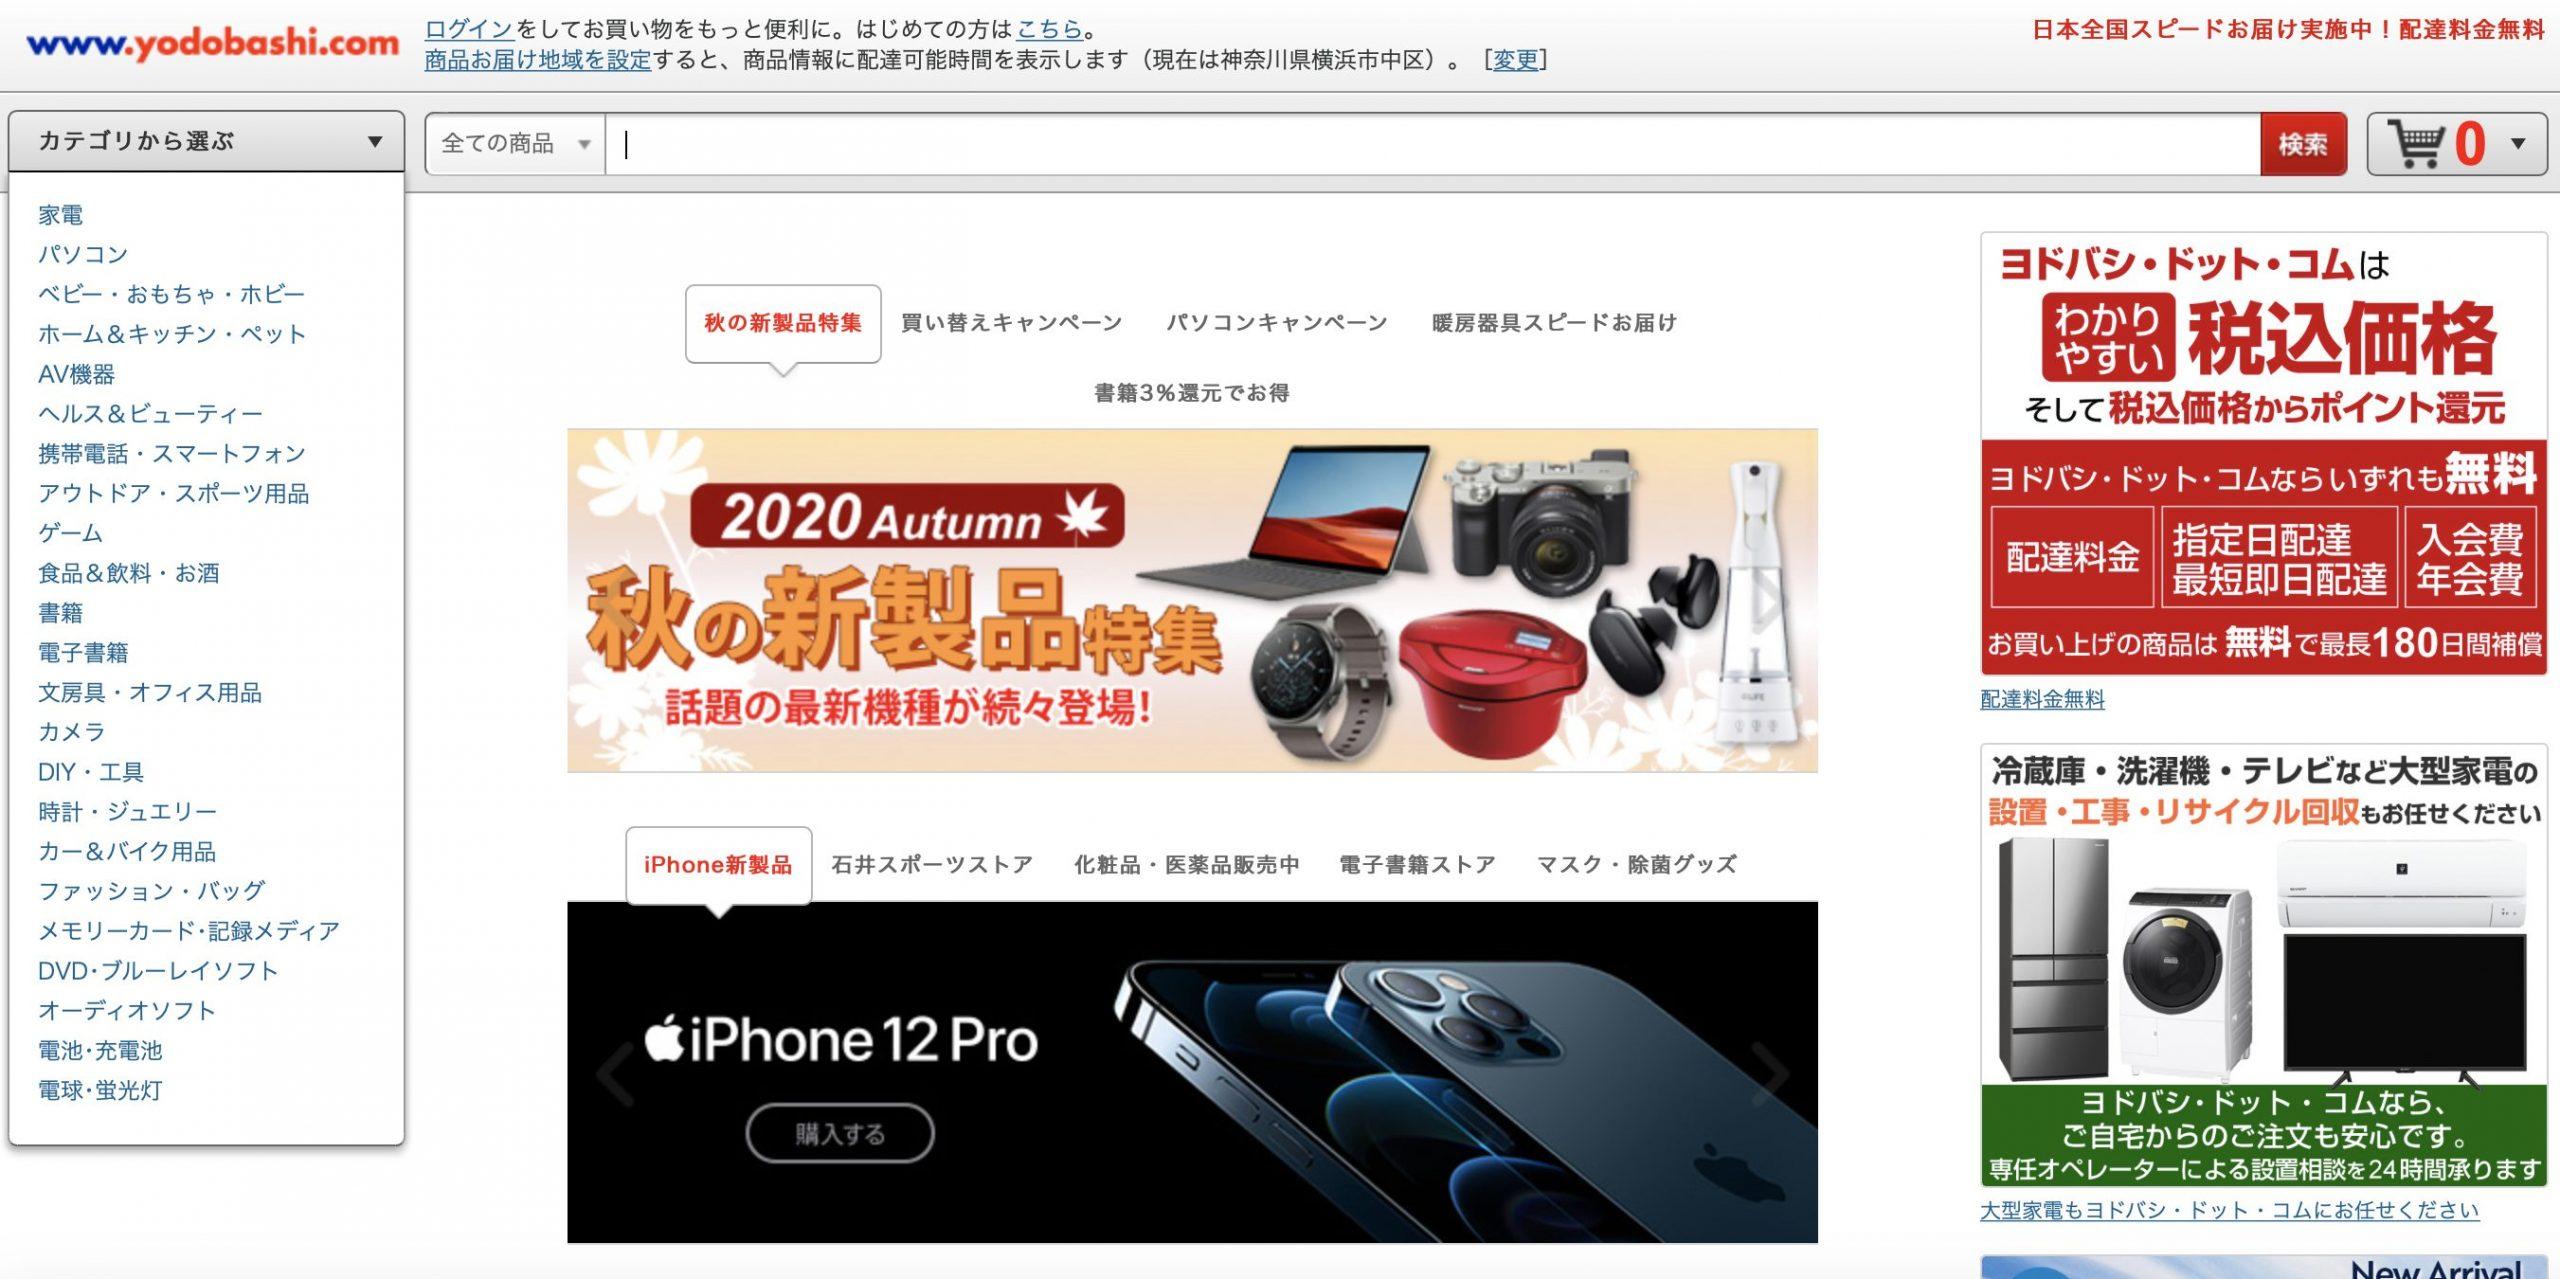 ヨドバシカメラ iPhone12